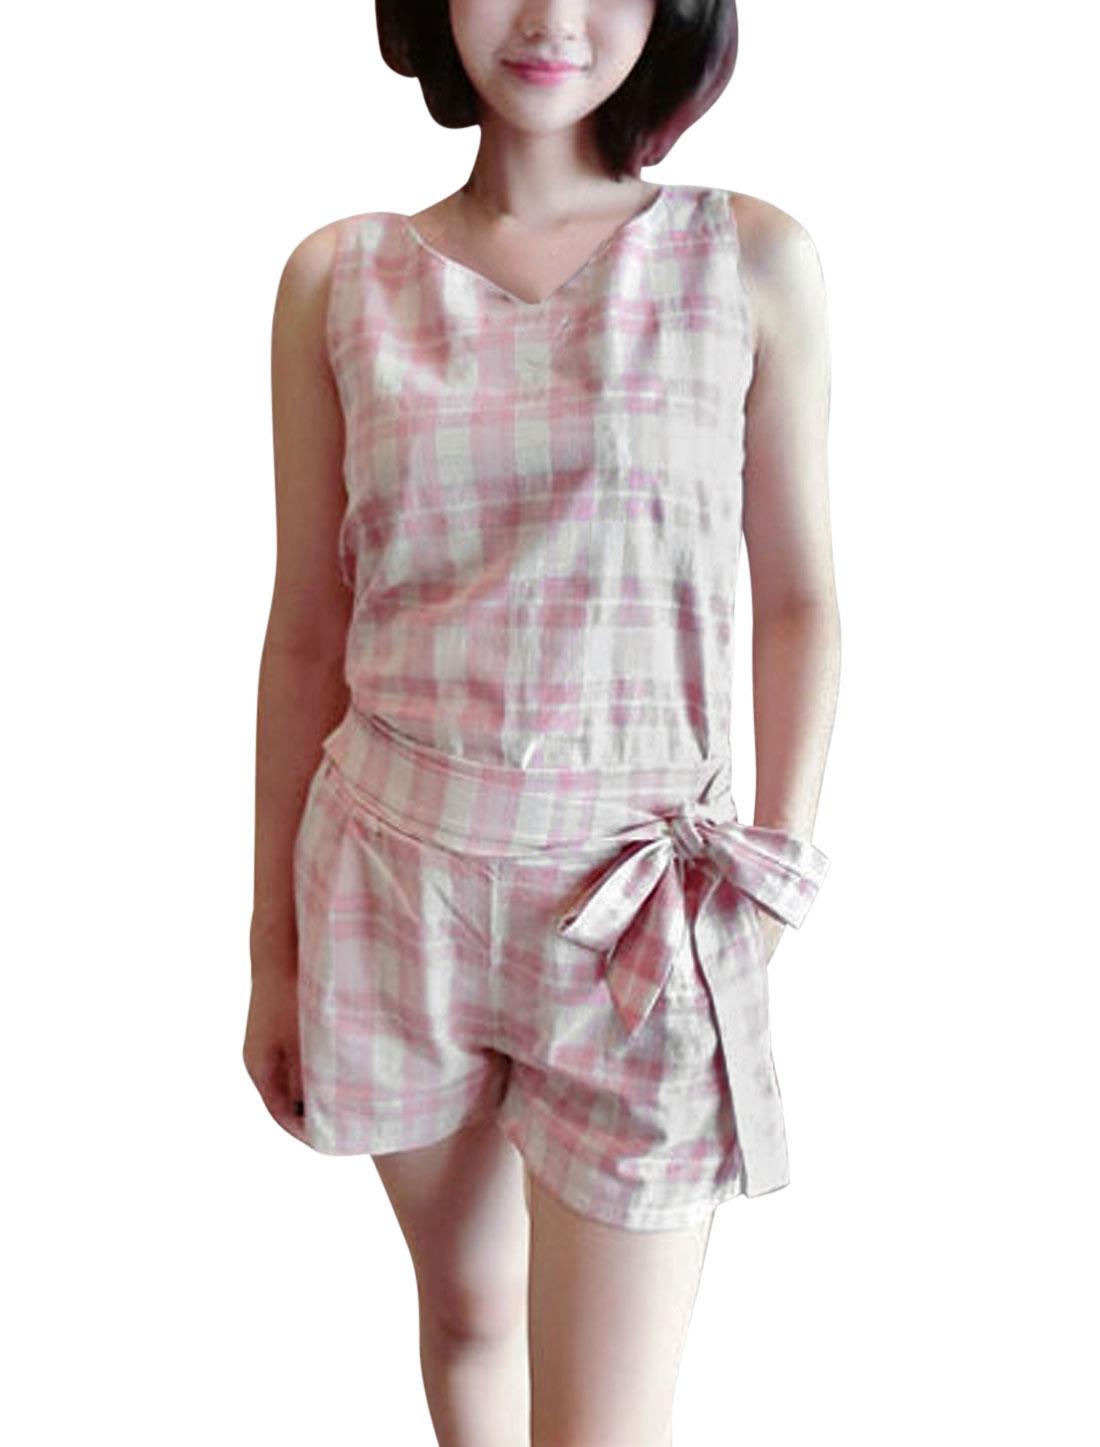 Lady Plaids Pattern Hidden Zipper Back Top w Elastic Waist Shorts Set Pink Beige XS